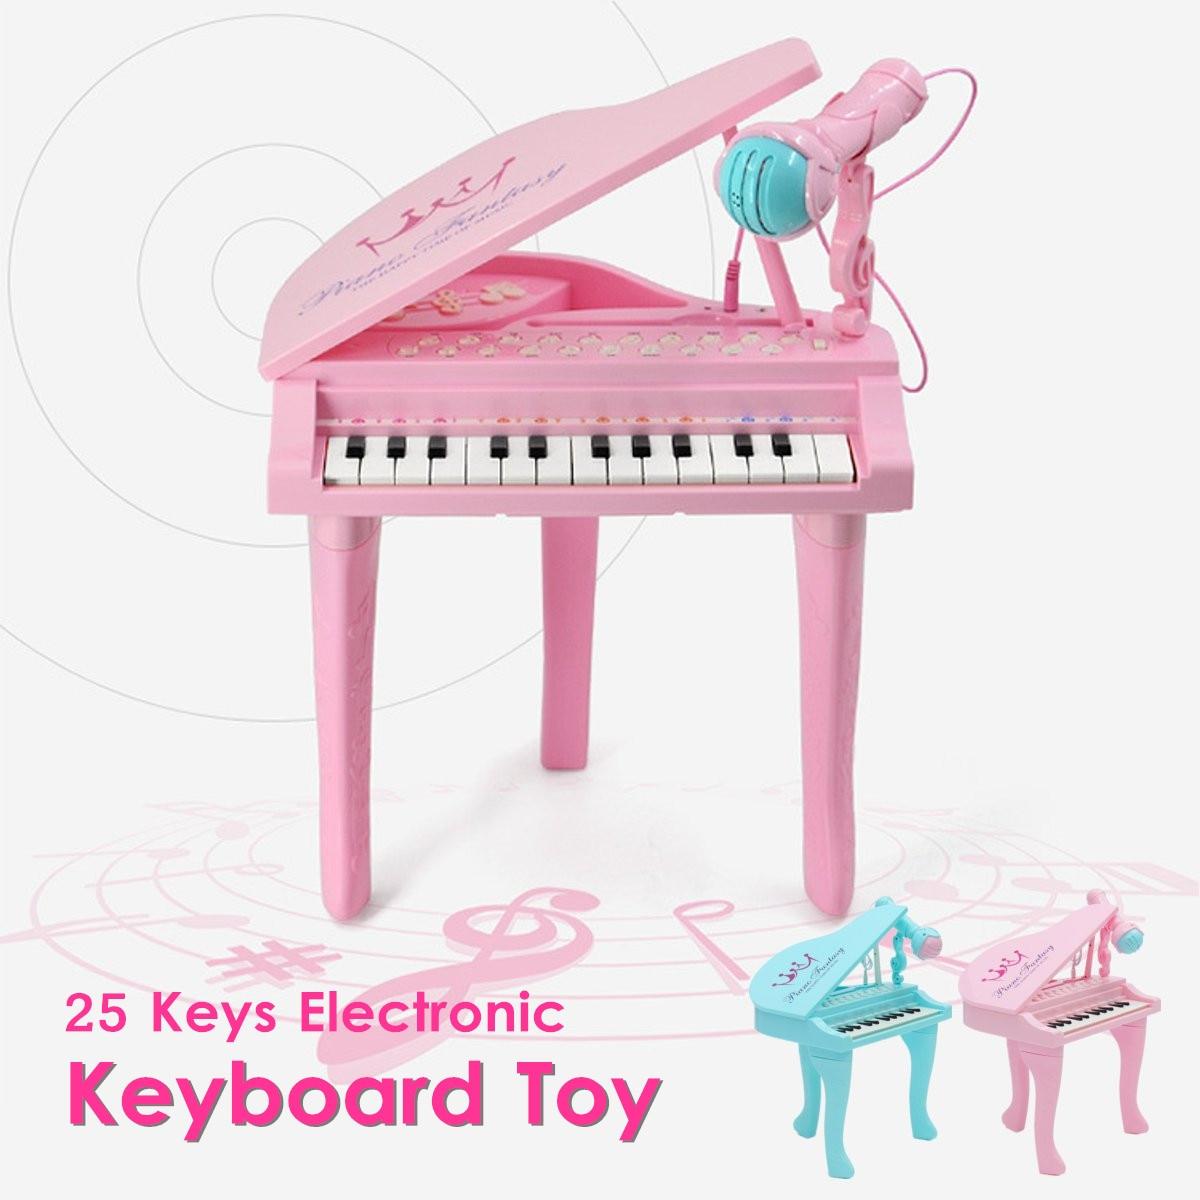 2 couleurs 25 touches clavier jouet orgue électronique enfants Piano Microphone Instrument de musique jouant jouet ensemble enfants cadeaux USB